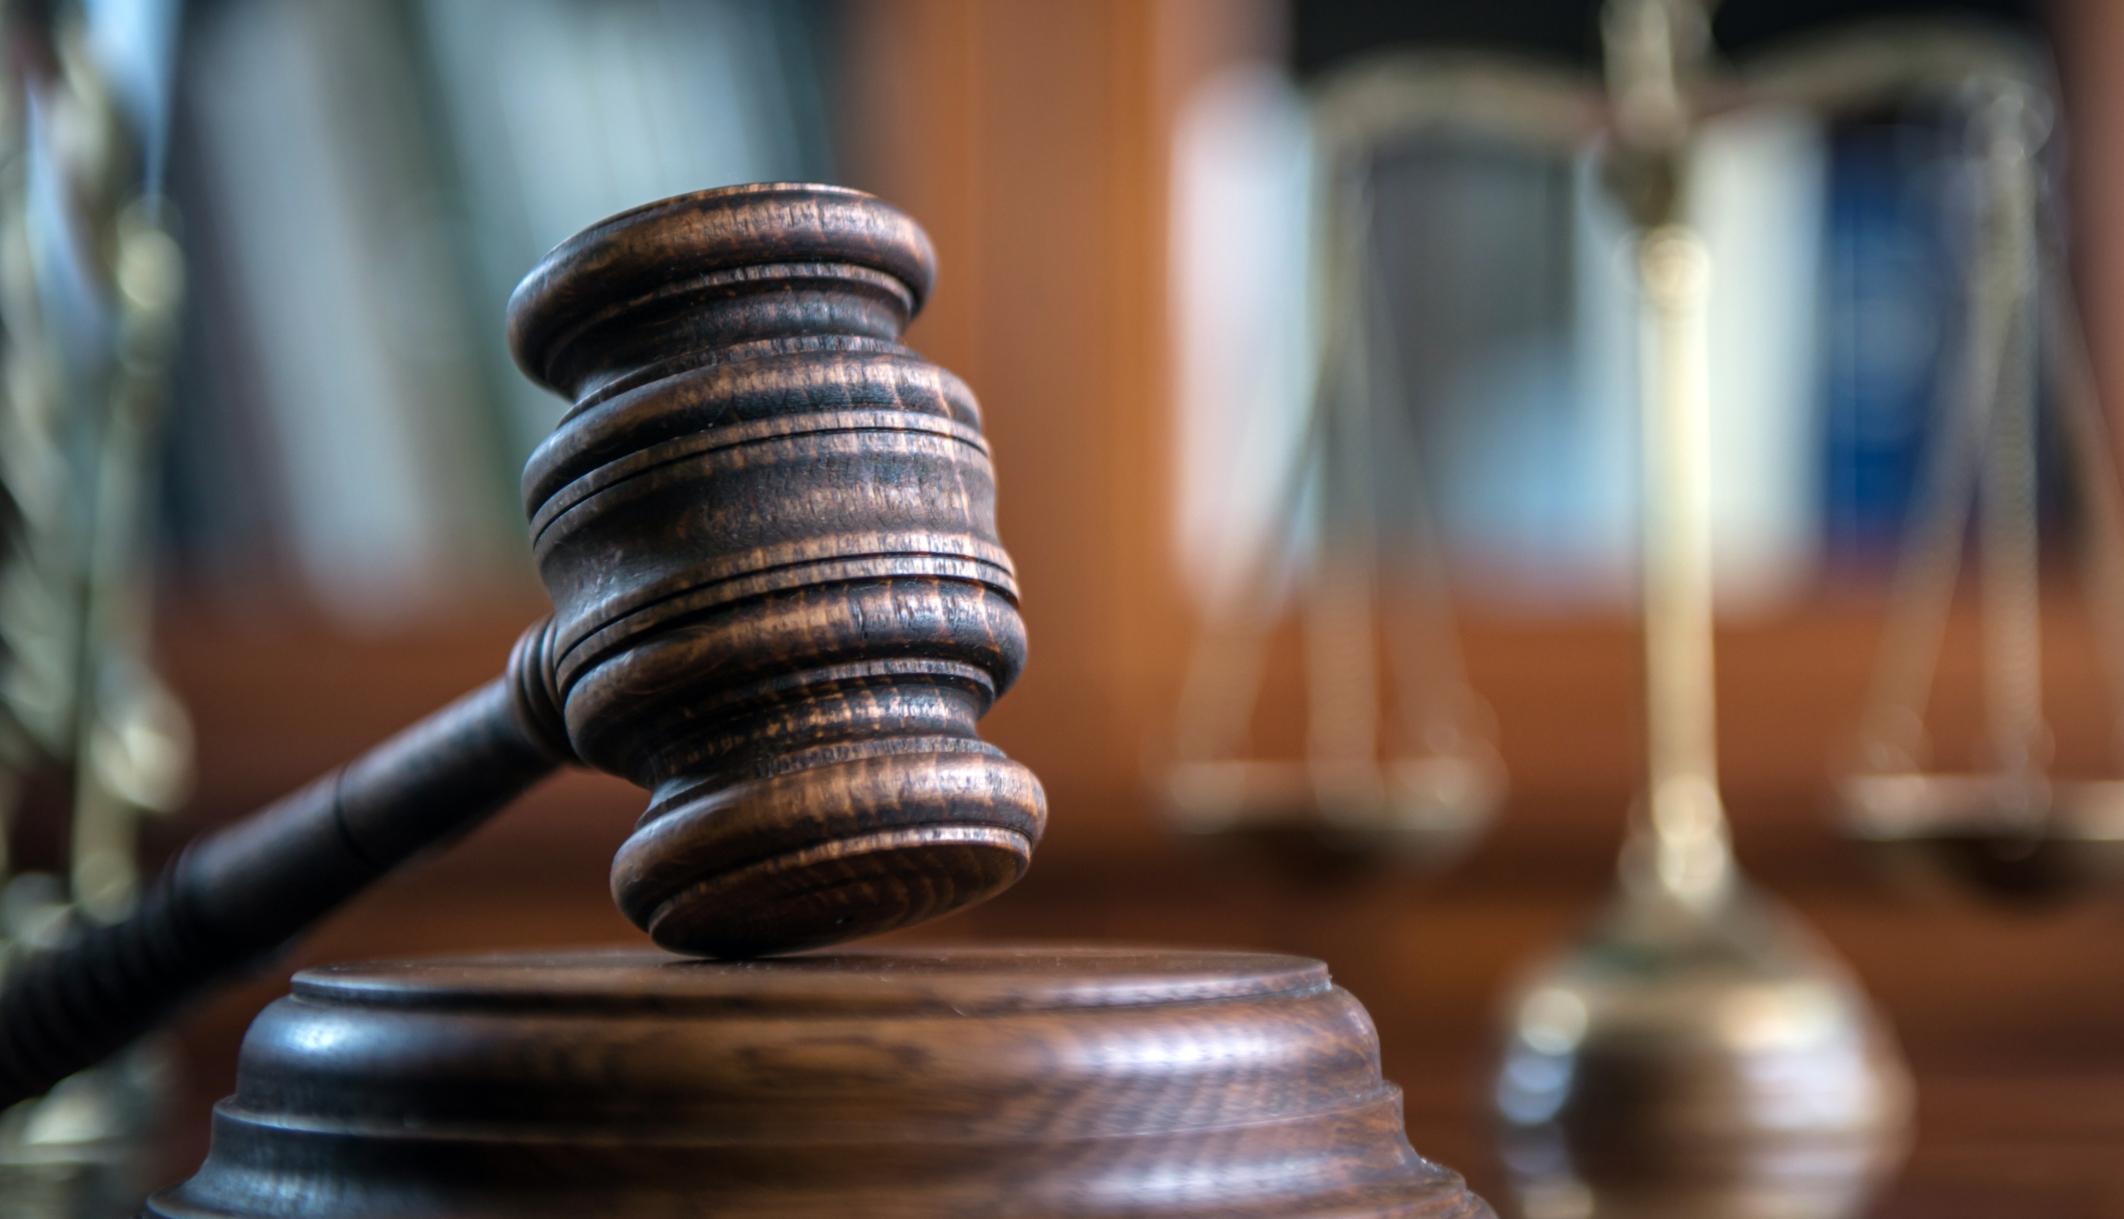 Ο δικηγόρος ενάντια στη σεξουαλική κακοποίηση ισχυρίζεται ότι είναι ένοχος για σεξ με έναν 15χρονο